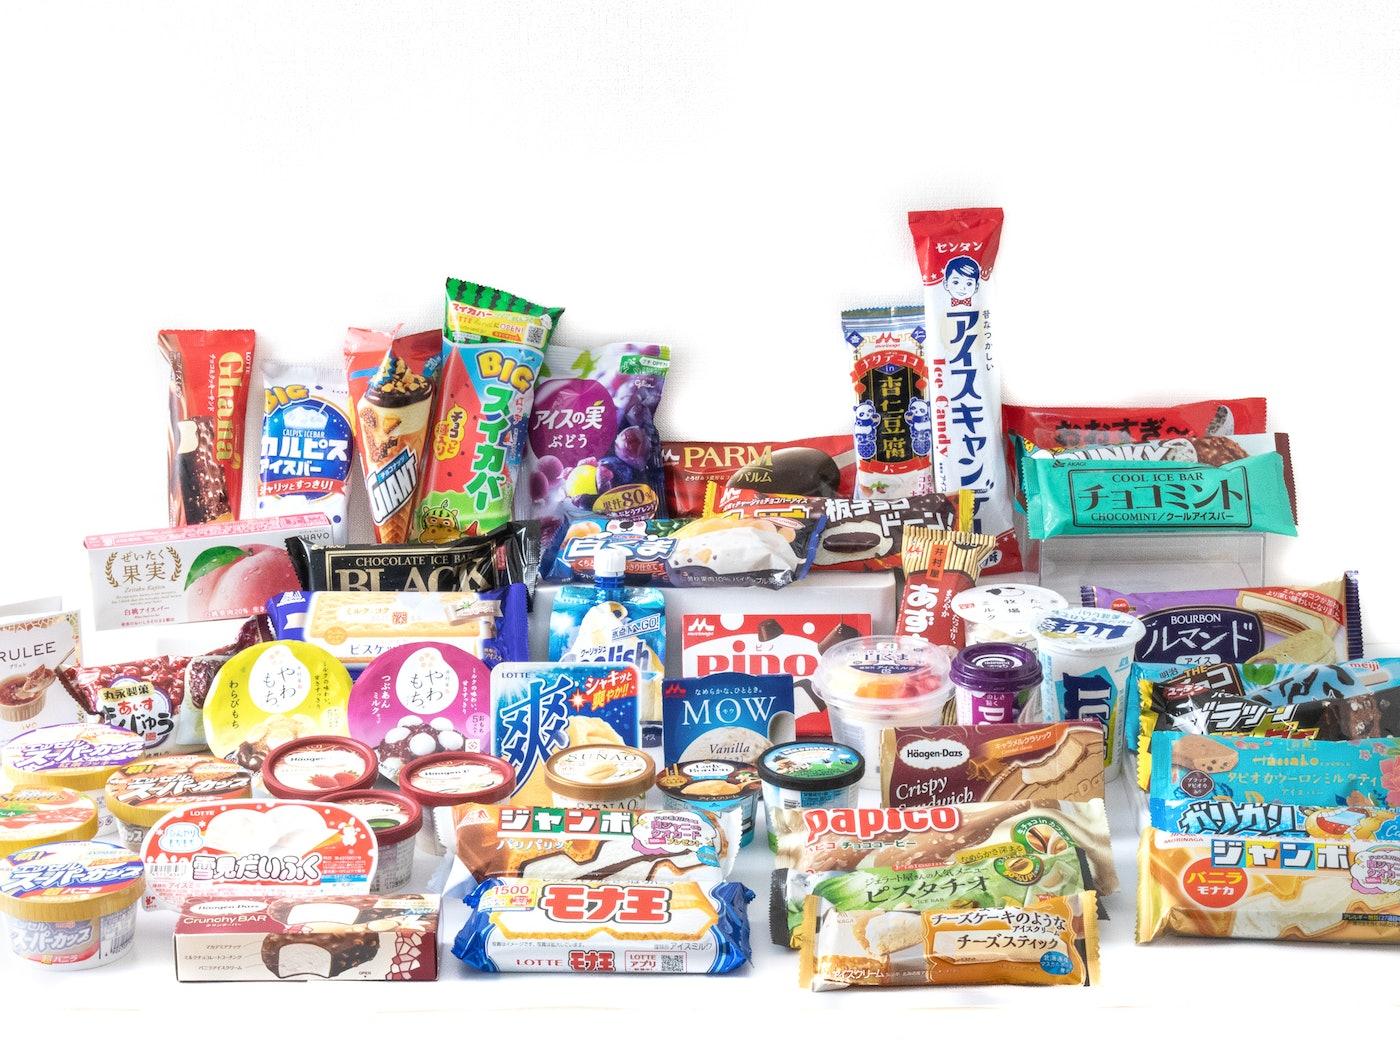 【徹底比較】市販アイスクリームのおすすめ人気ランキング54選【カロリー・特徴も】